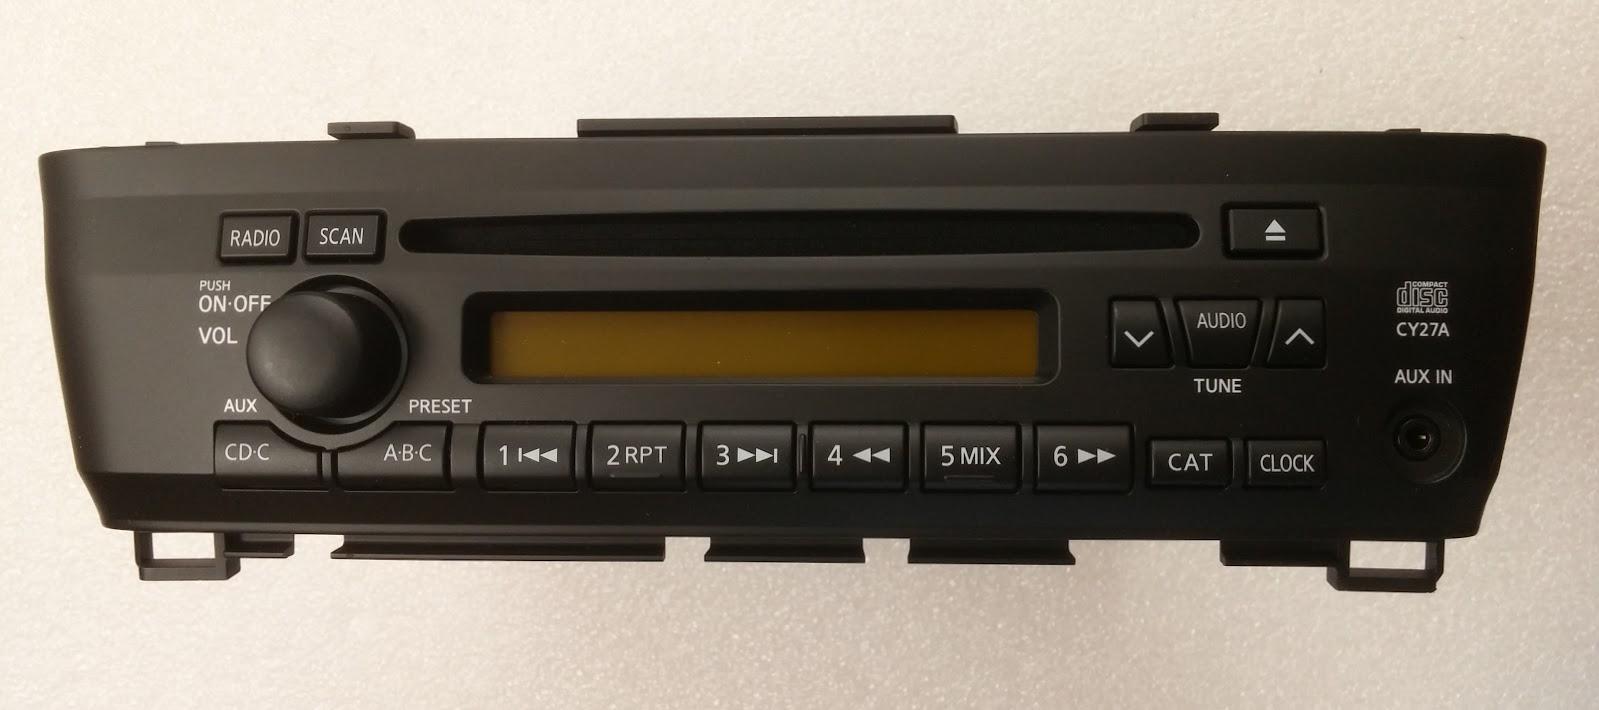 Sentra 2004+ CD radio (7 speaker-180 watt)